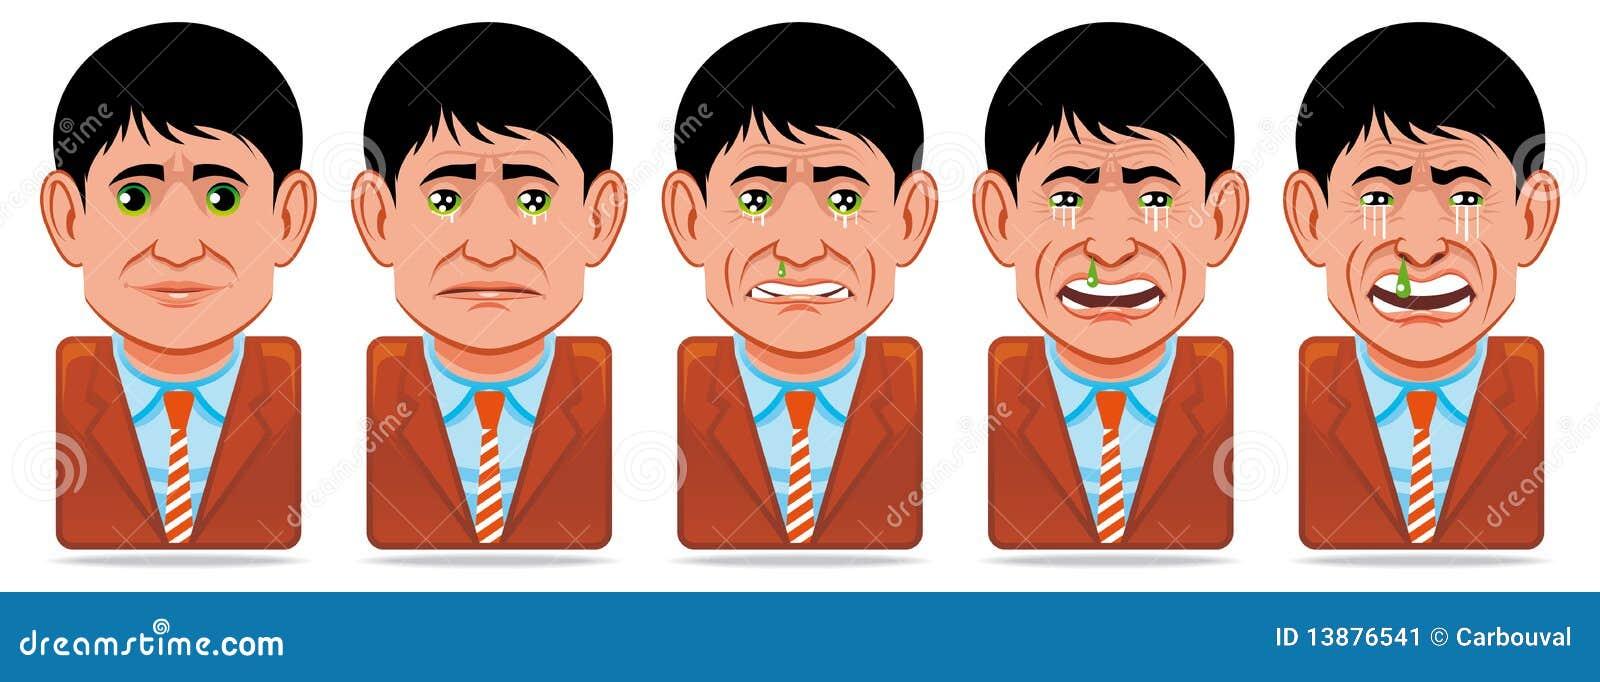 Icone della gente dell incarnazione (espressione facciale: tristezza)